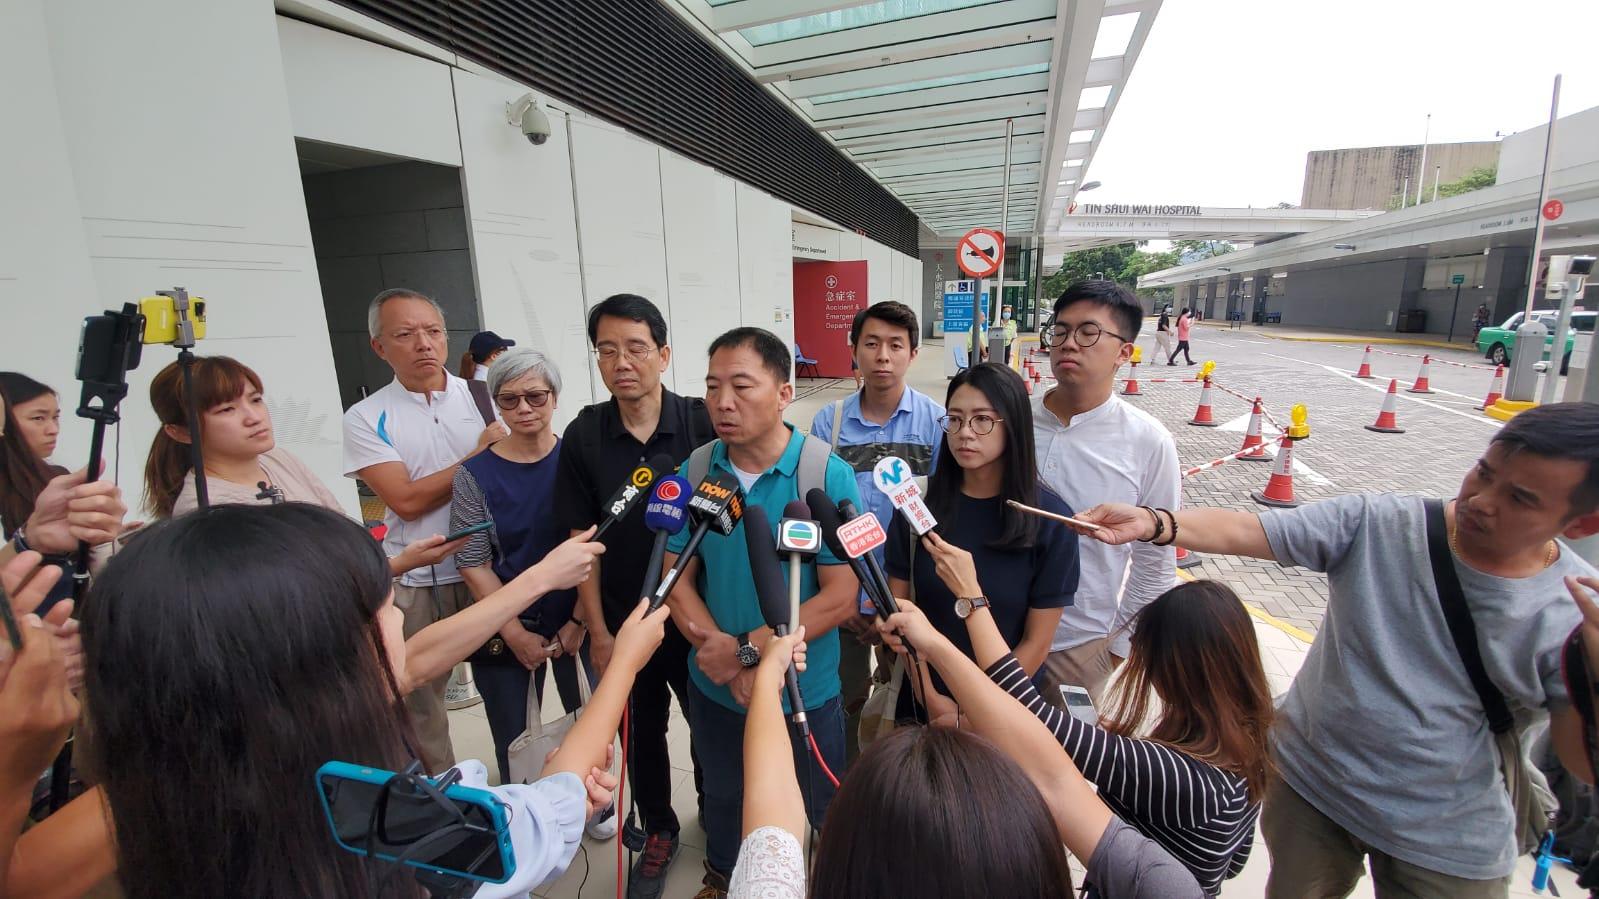 胡志偉表示,以有組織方式拳打腳踢政見不同的人,行為絕不能接受。